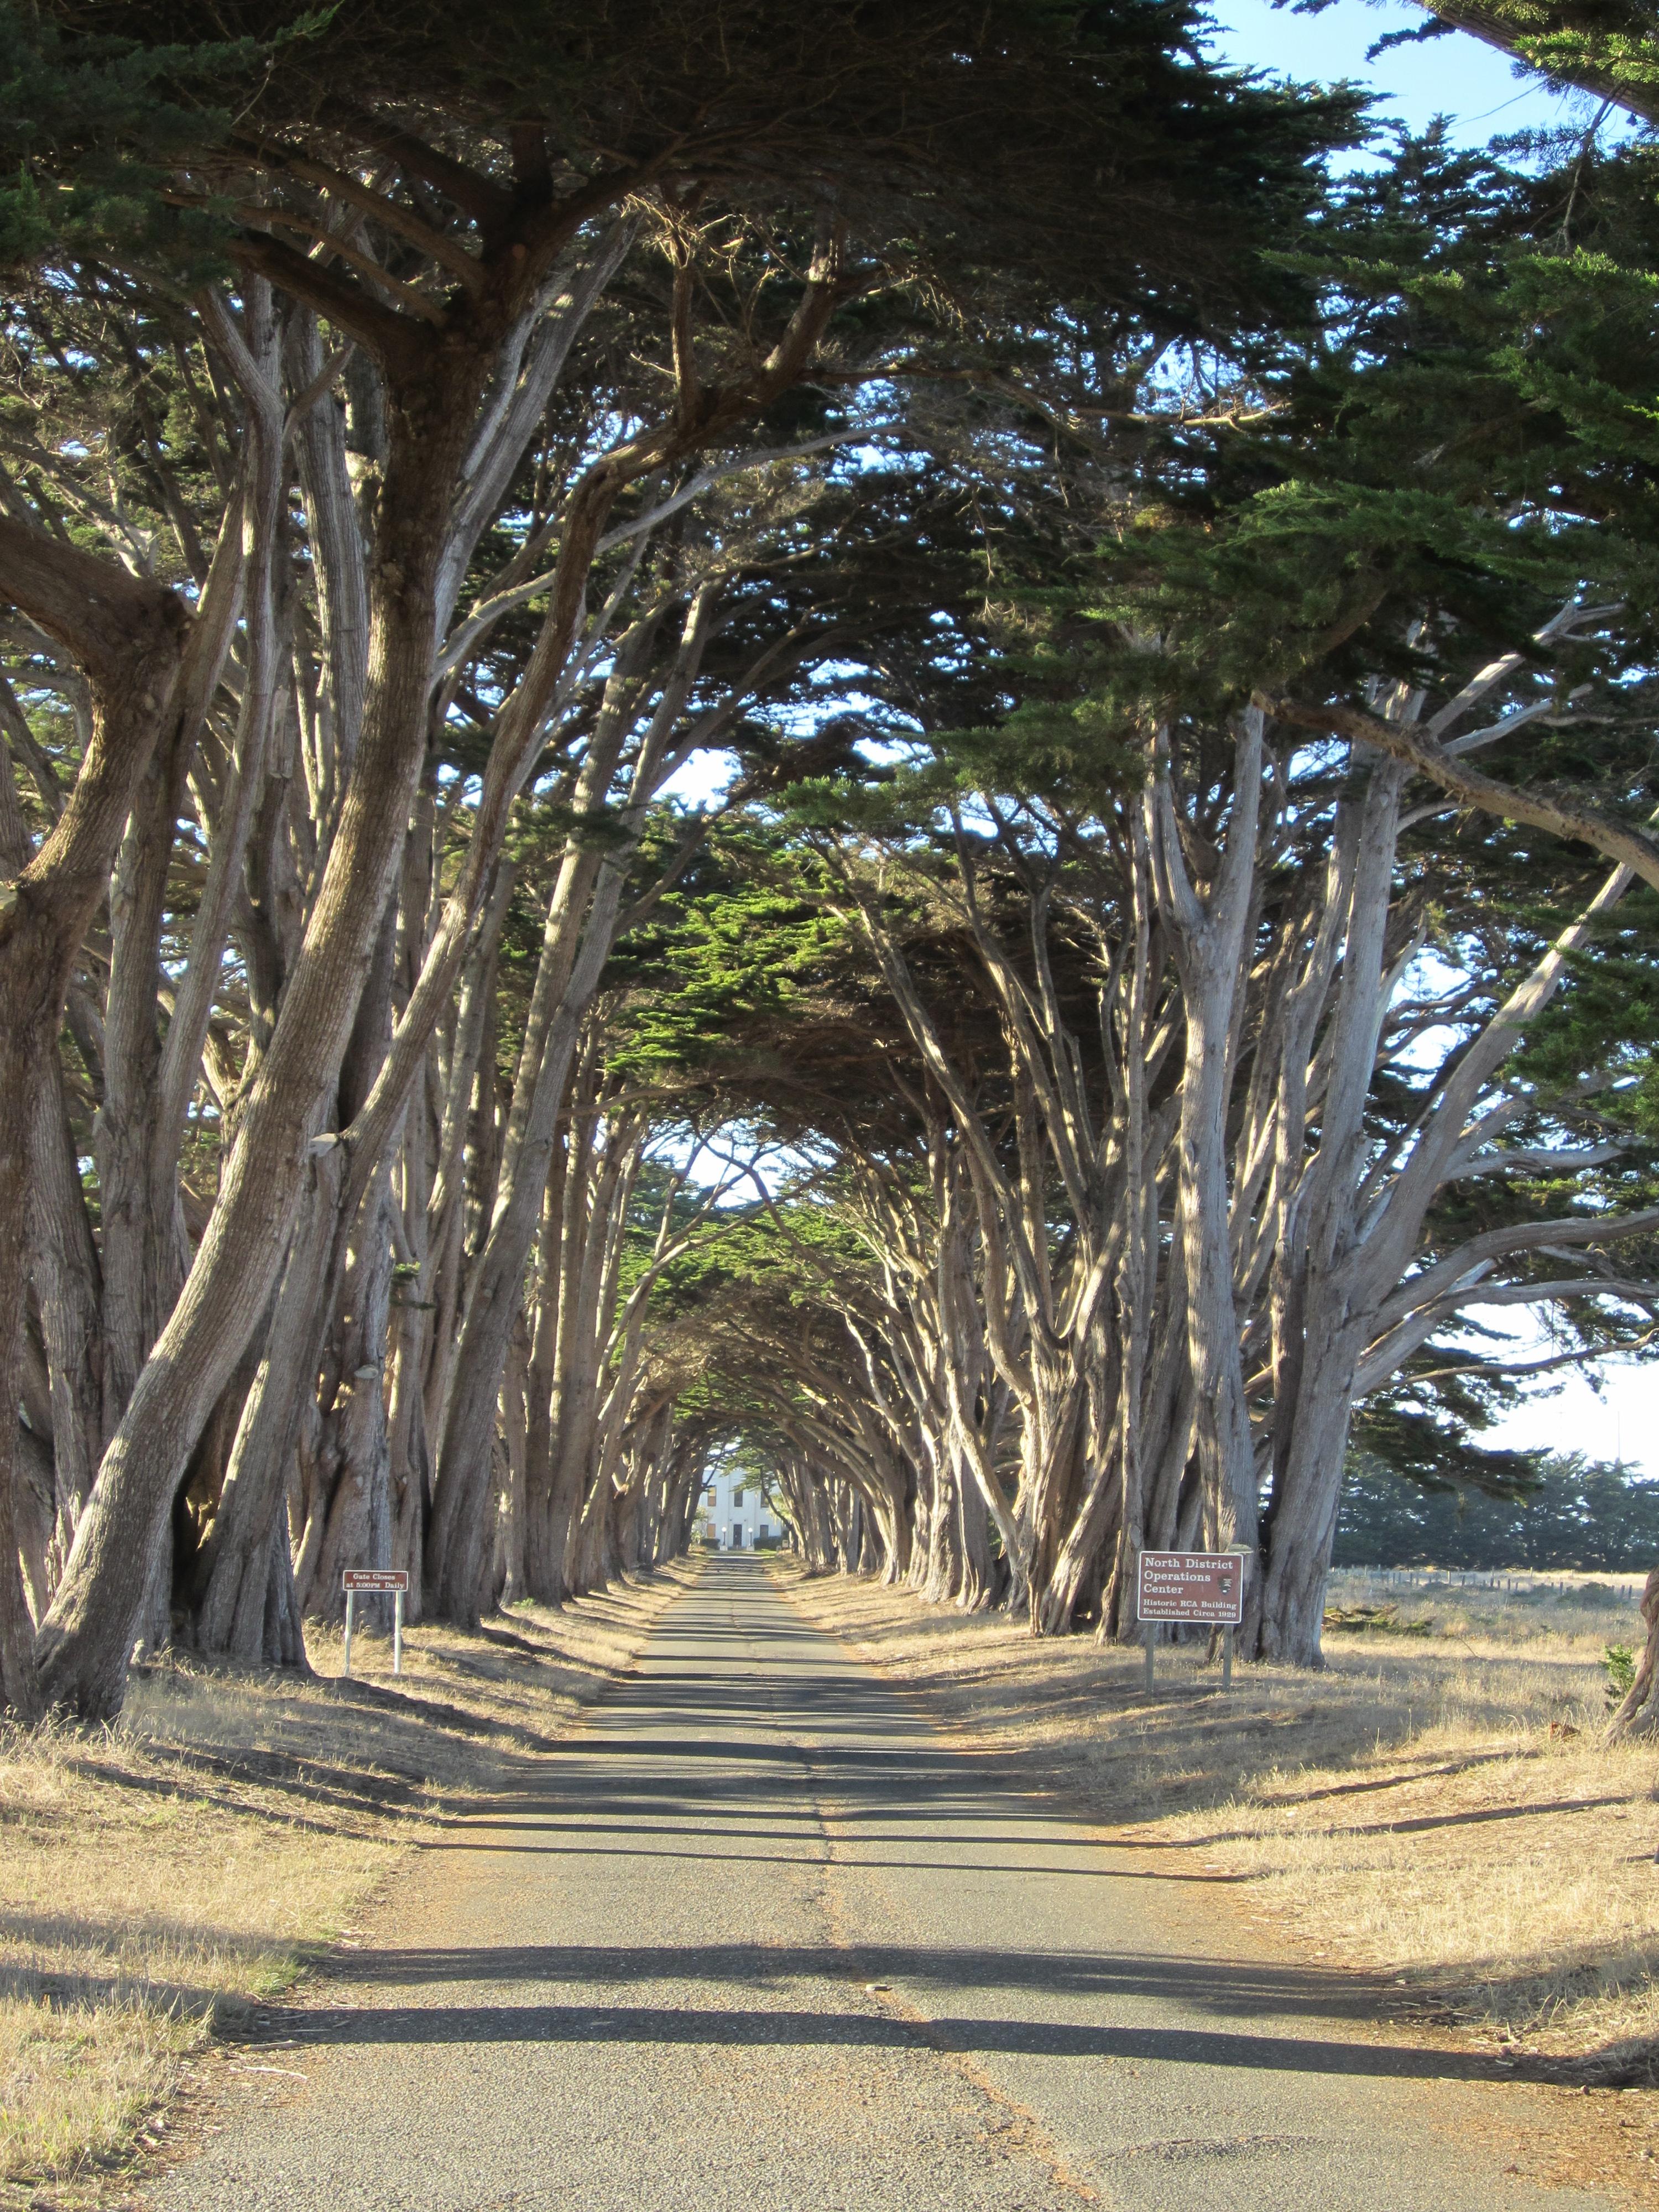 Tree Lined St.en Route